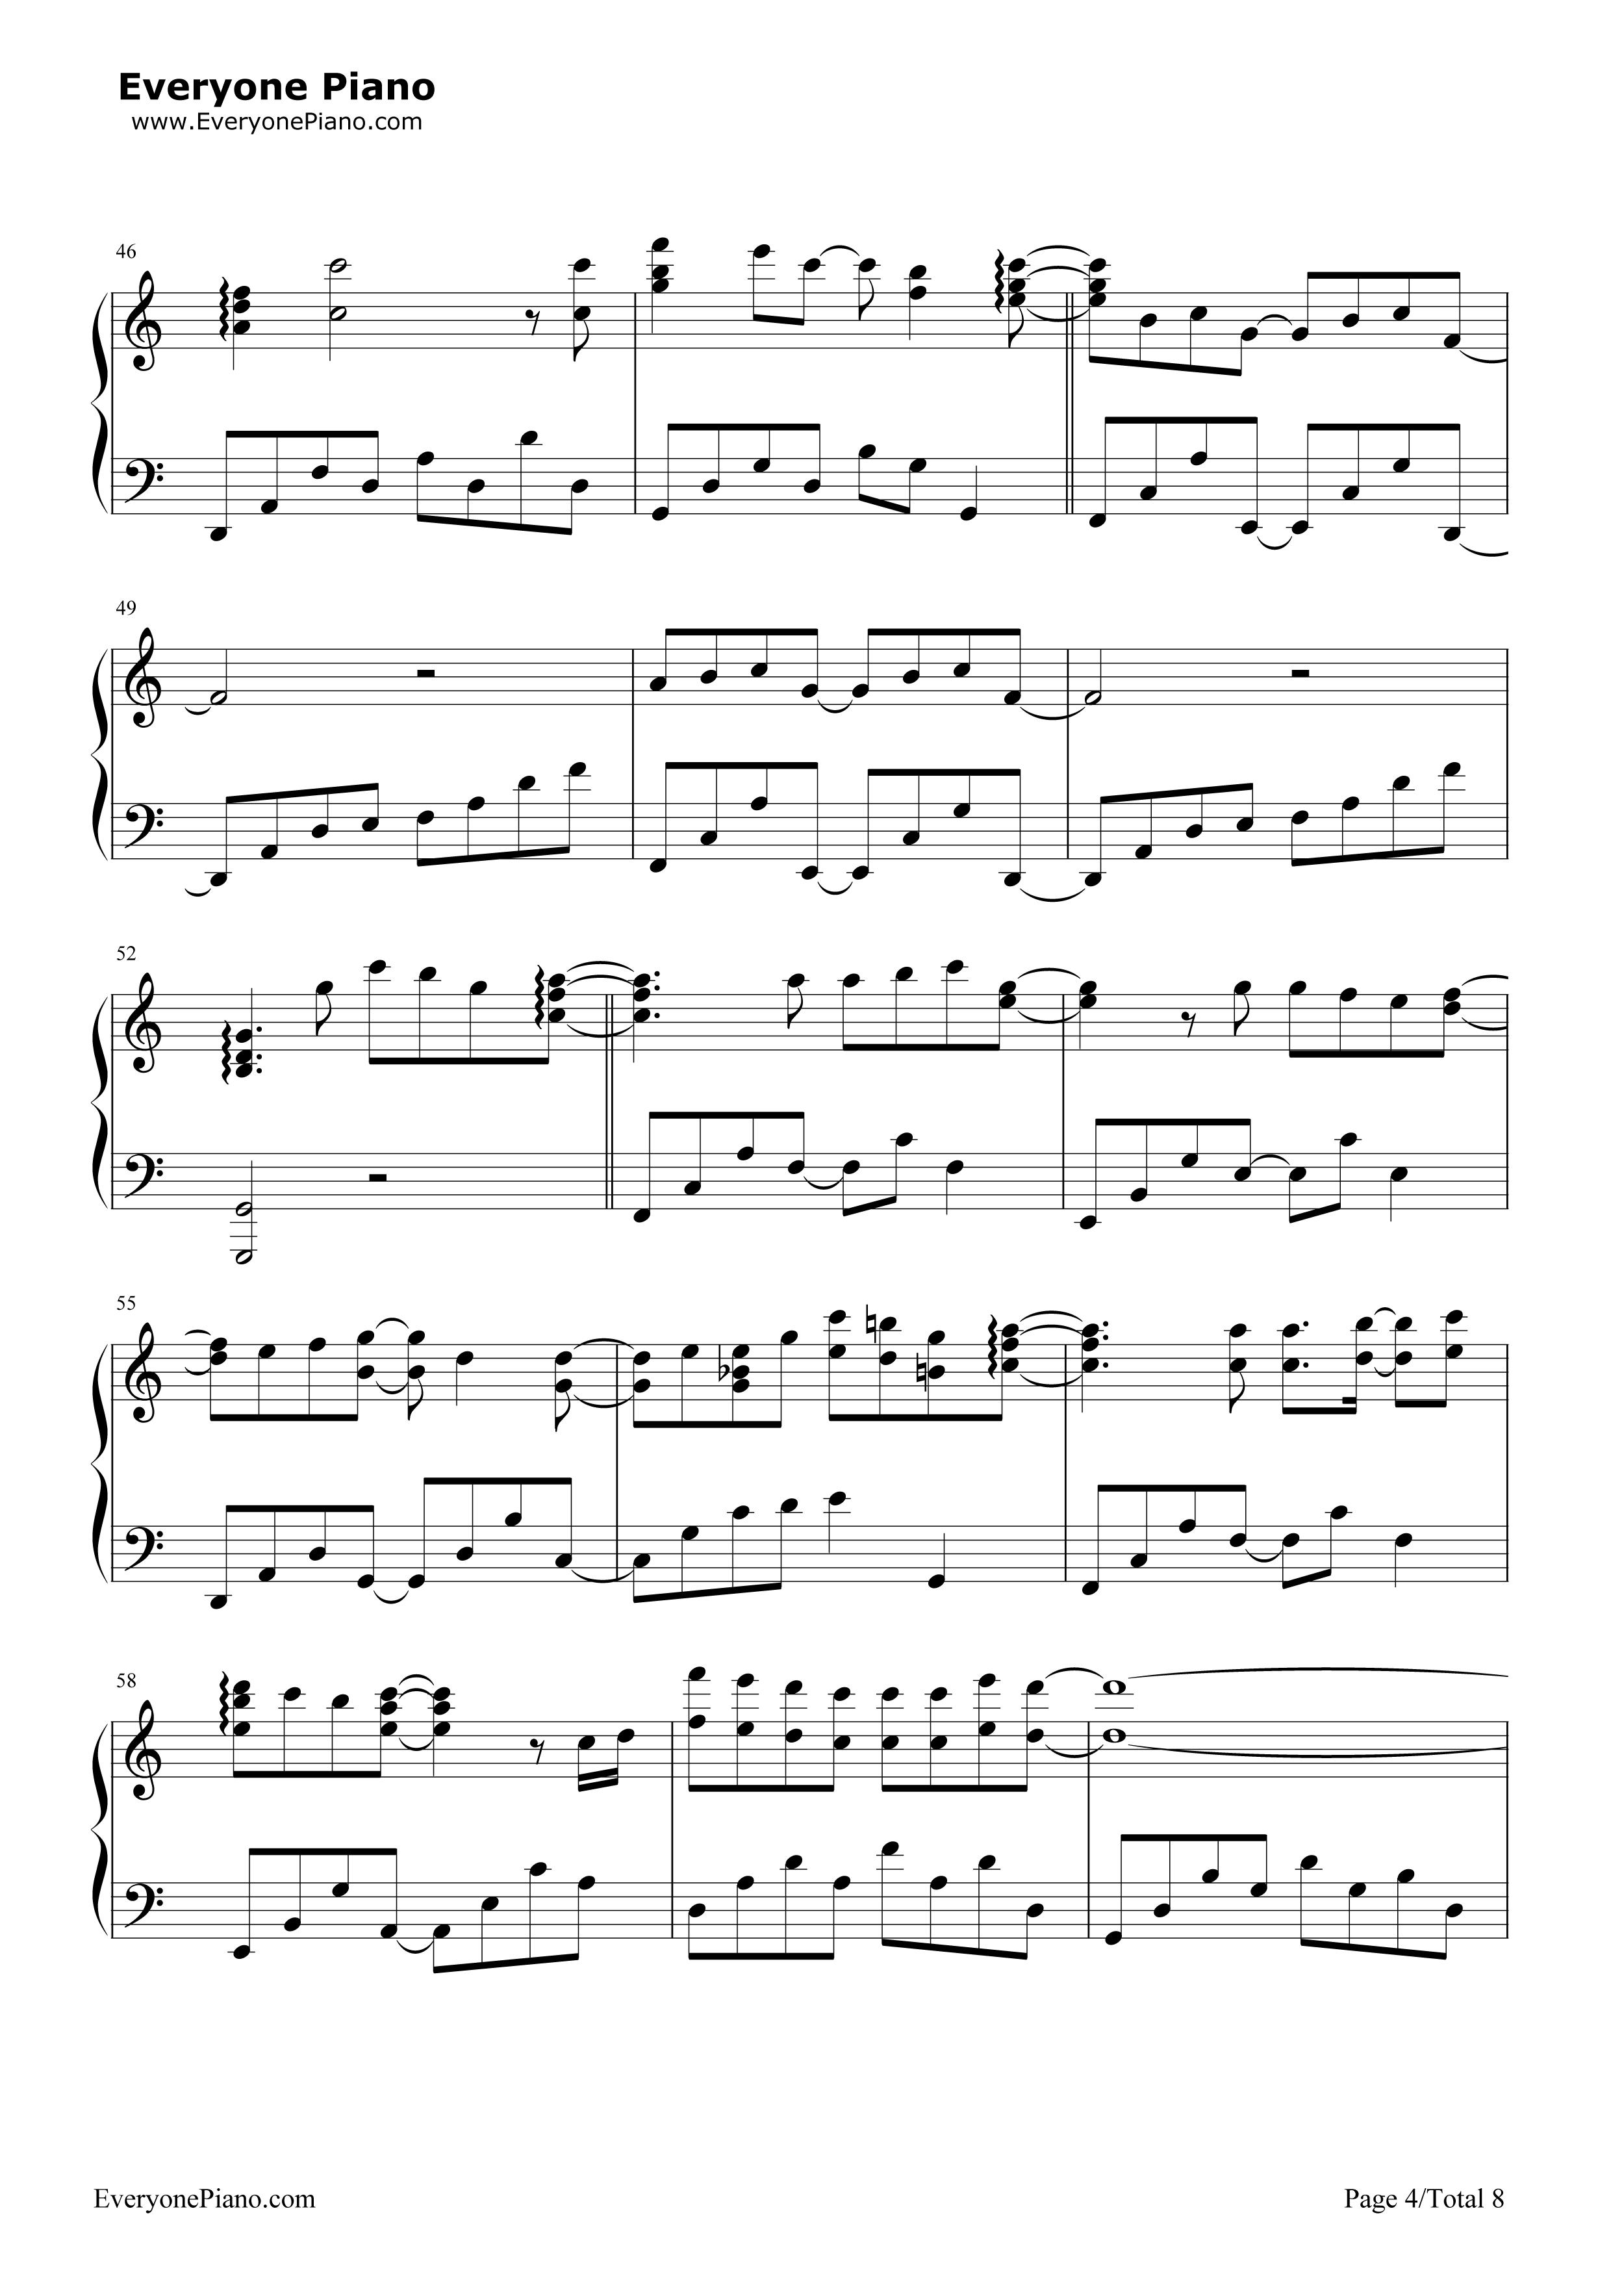 钢琴曲谱 流行 萤火-tfboys最新歌曲 萤火-tfboys最新歌曲五线谱预览4